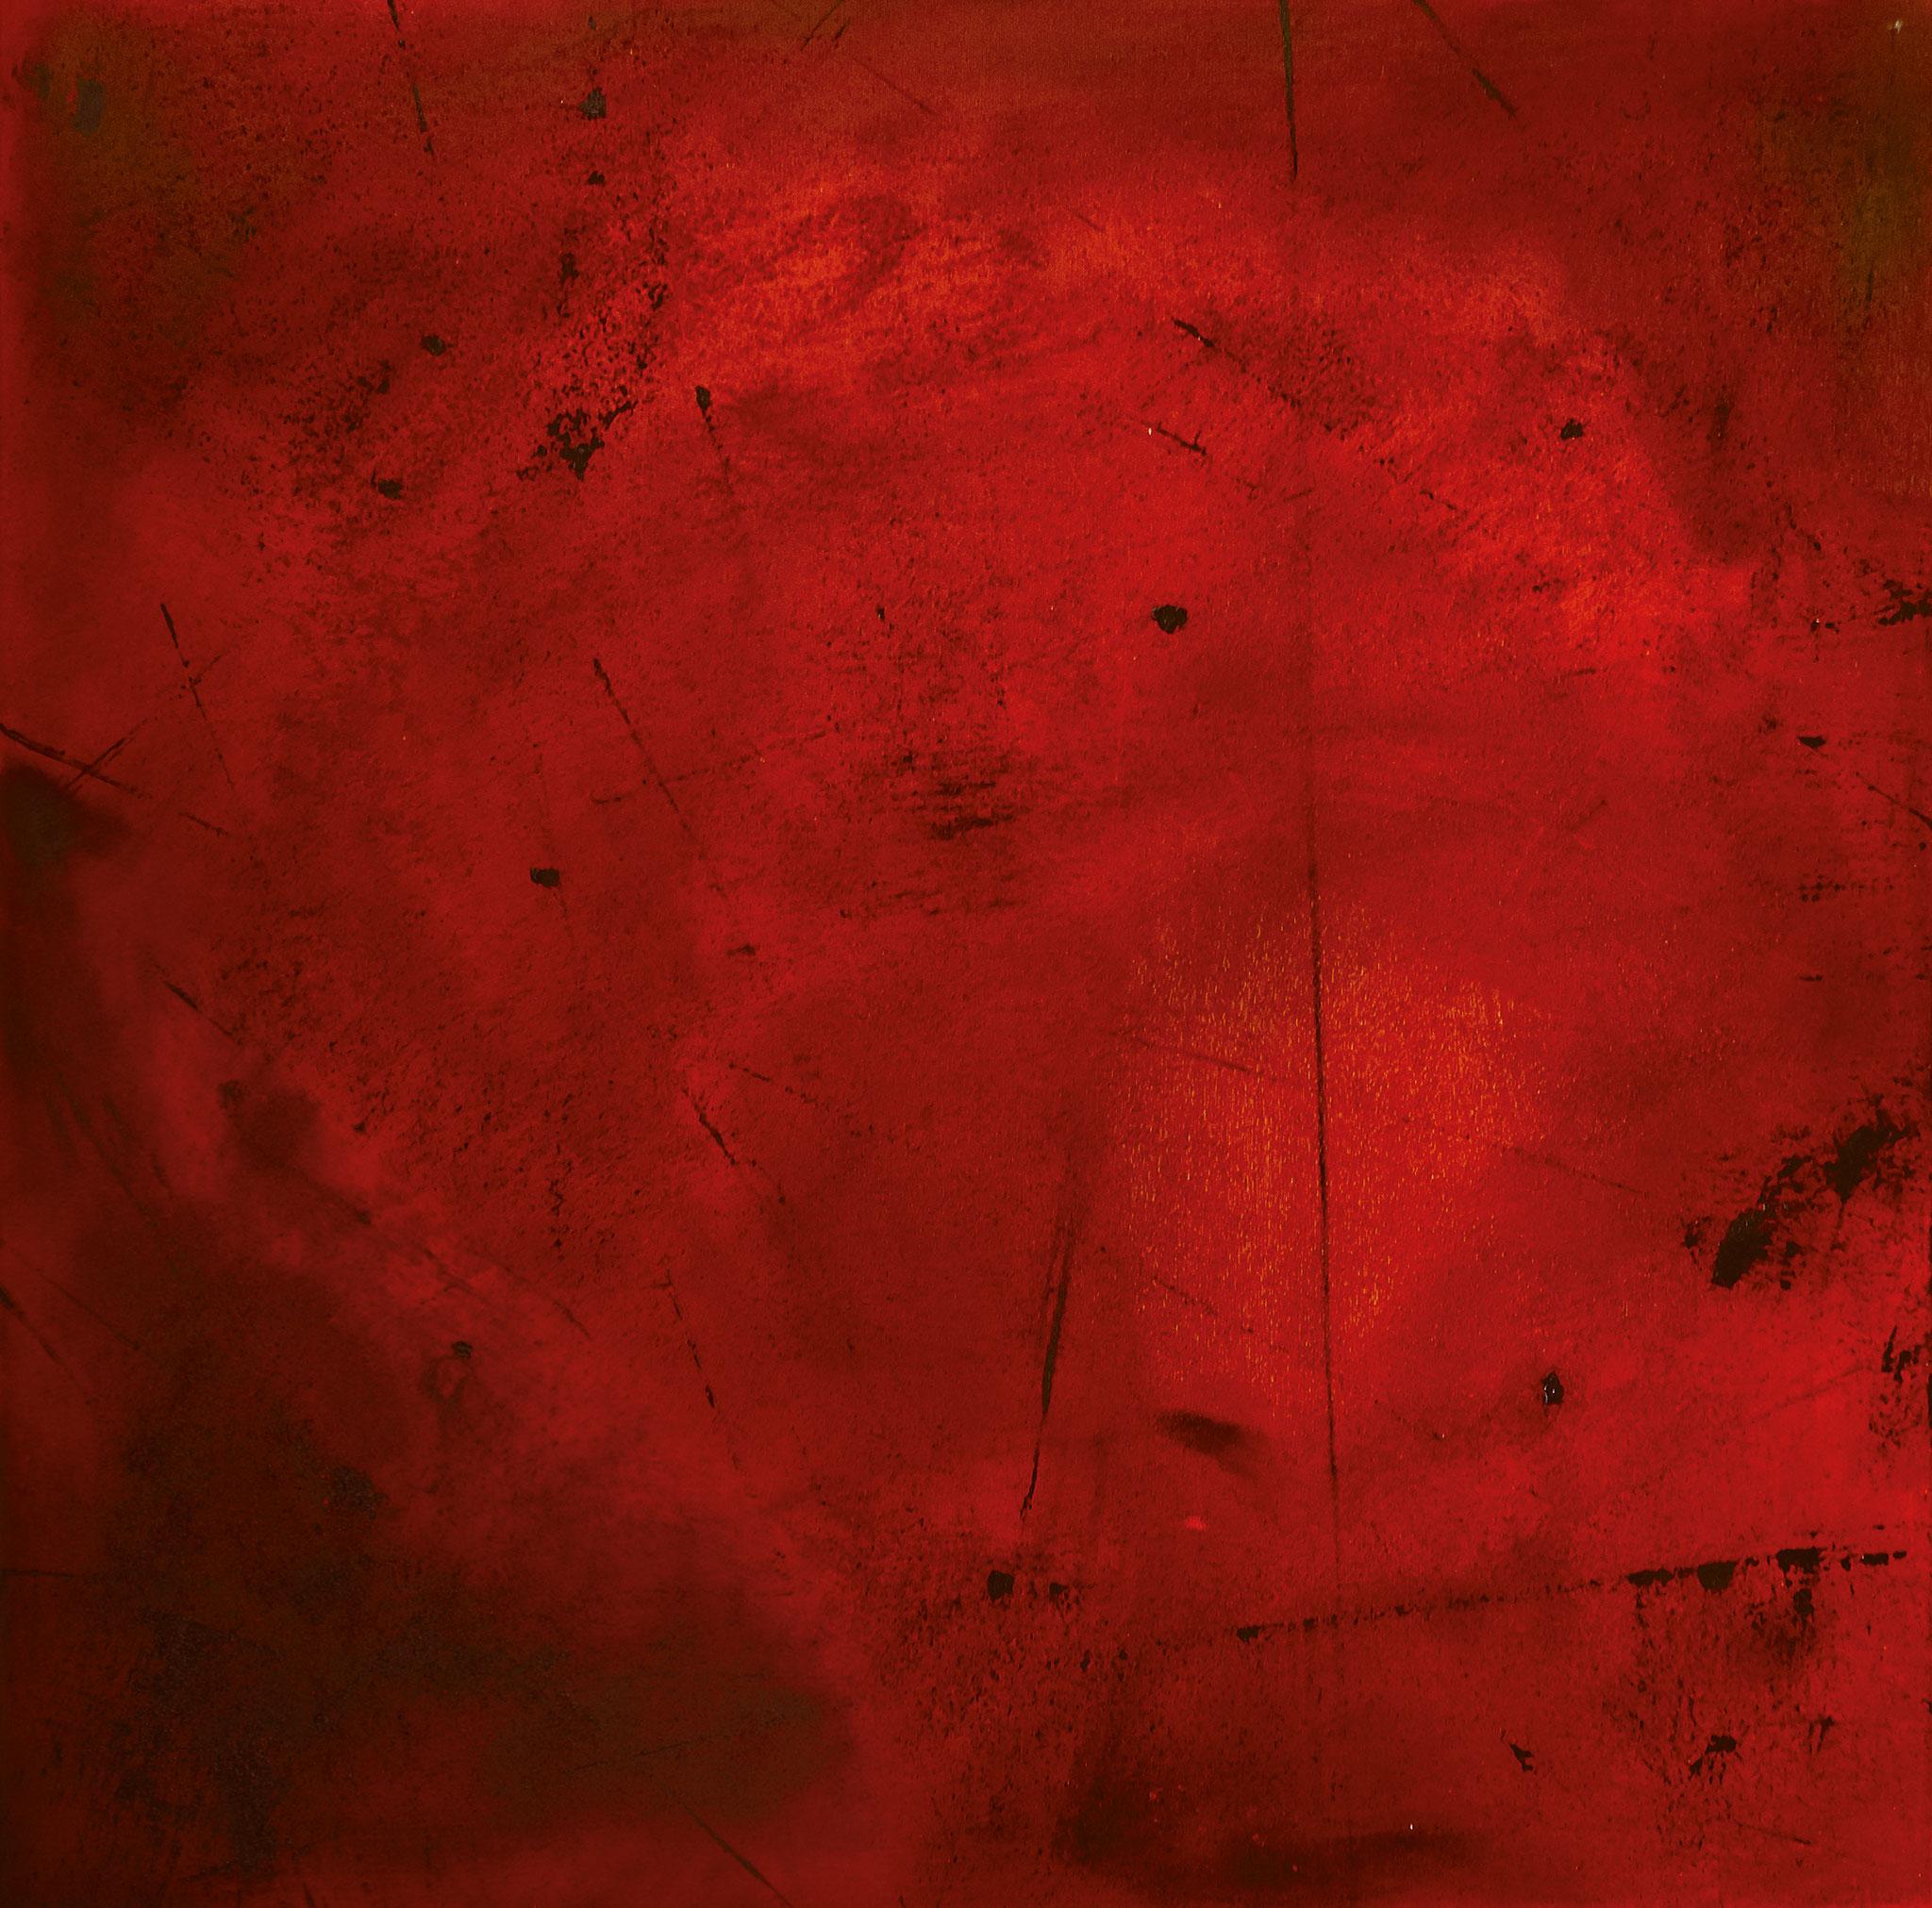 ›War / Desperation‹, Acryl auf Leinwand, 100 x 100 cm, 2016